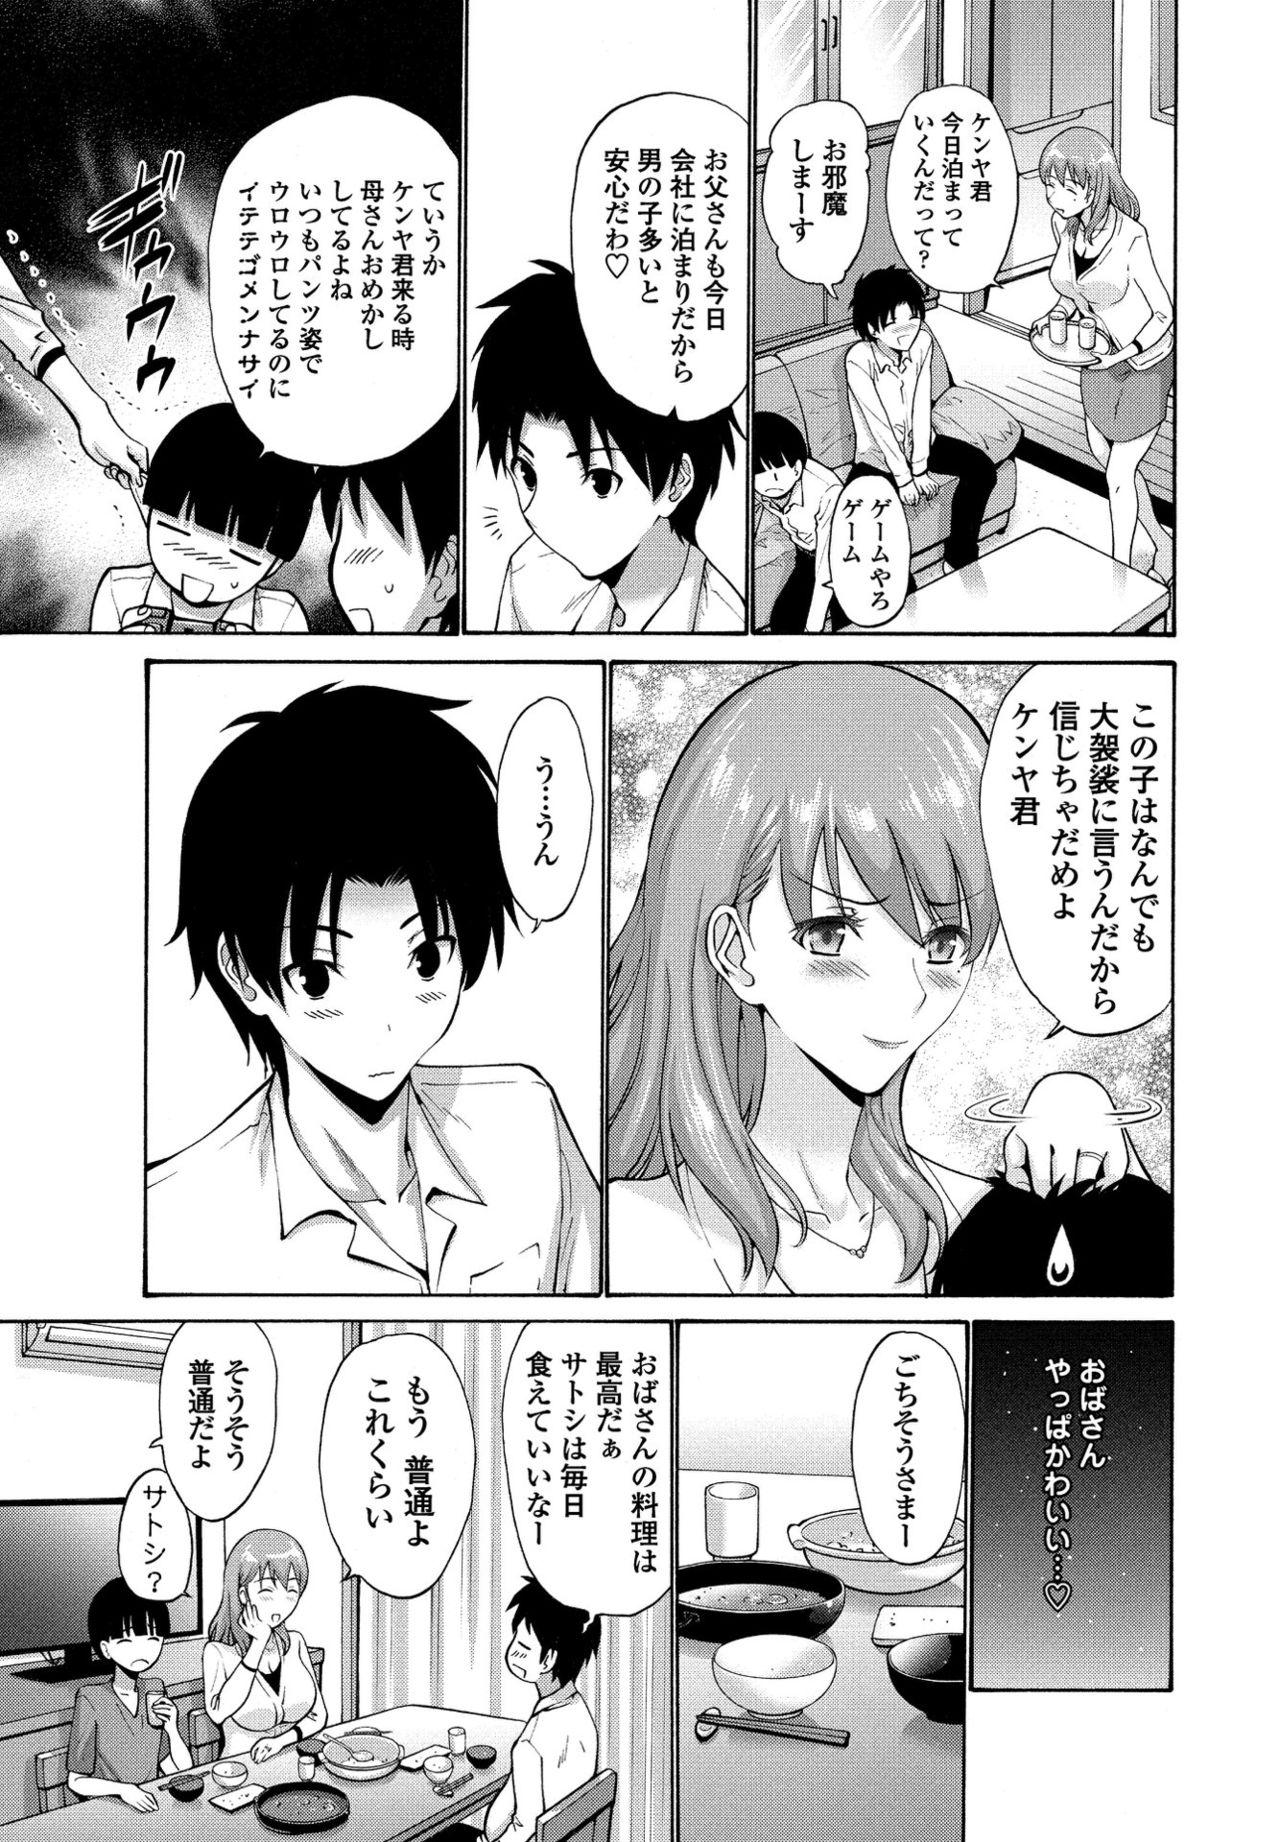 【エロ漫画】アナルは近親相姦じゃないからセーフという謎理論で母親をレイプwww